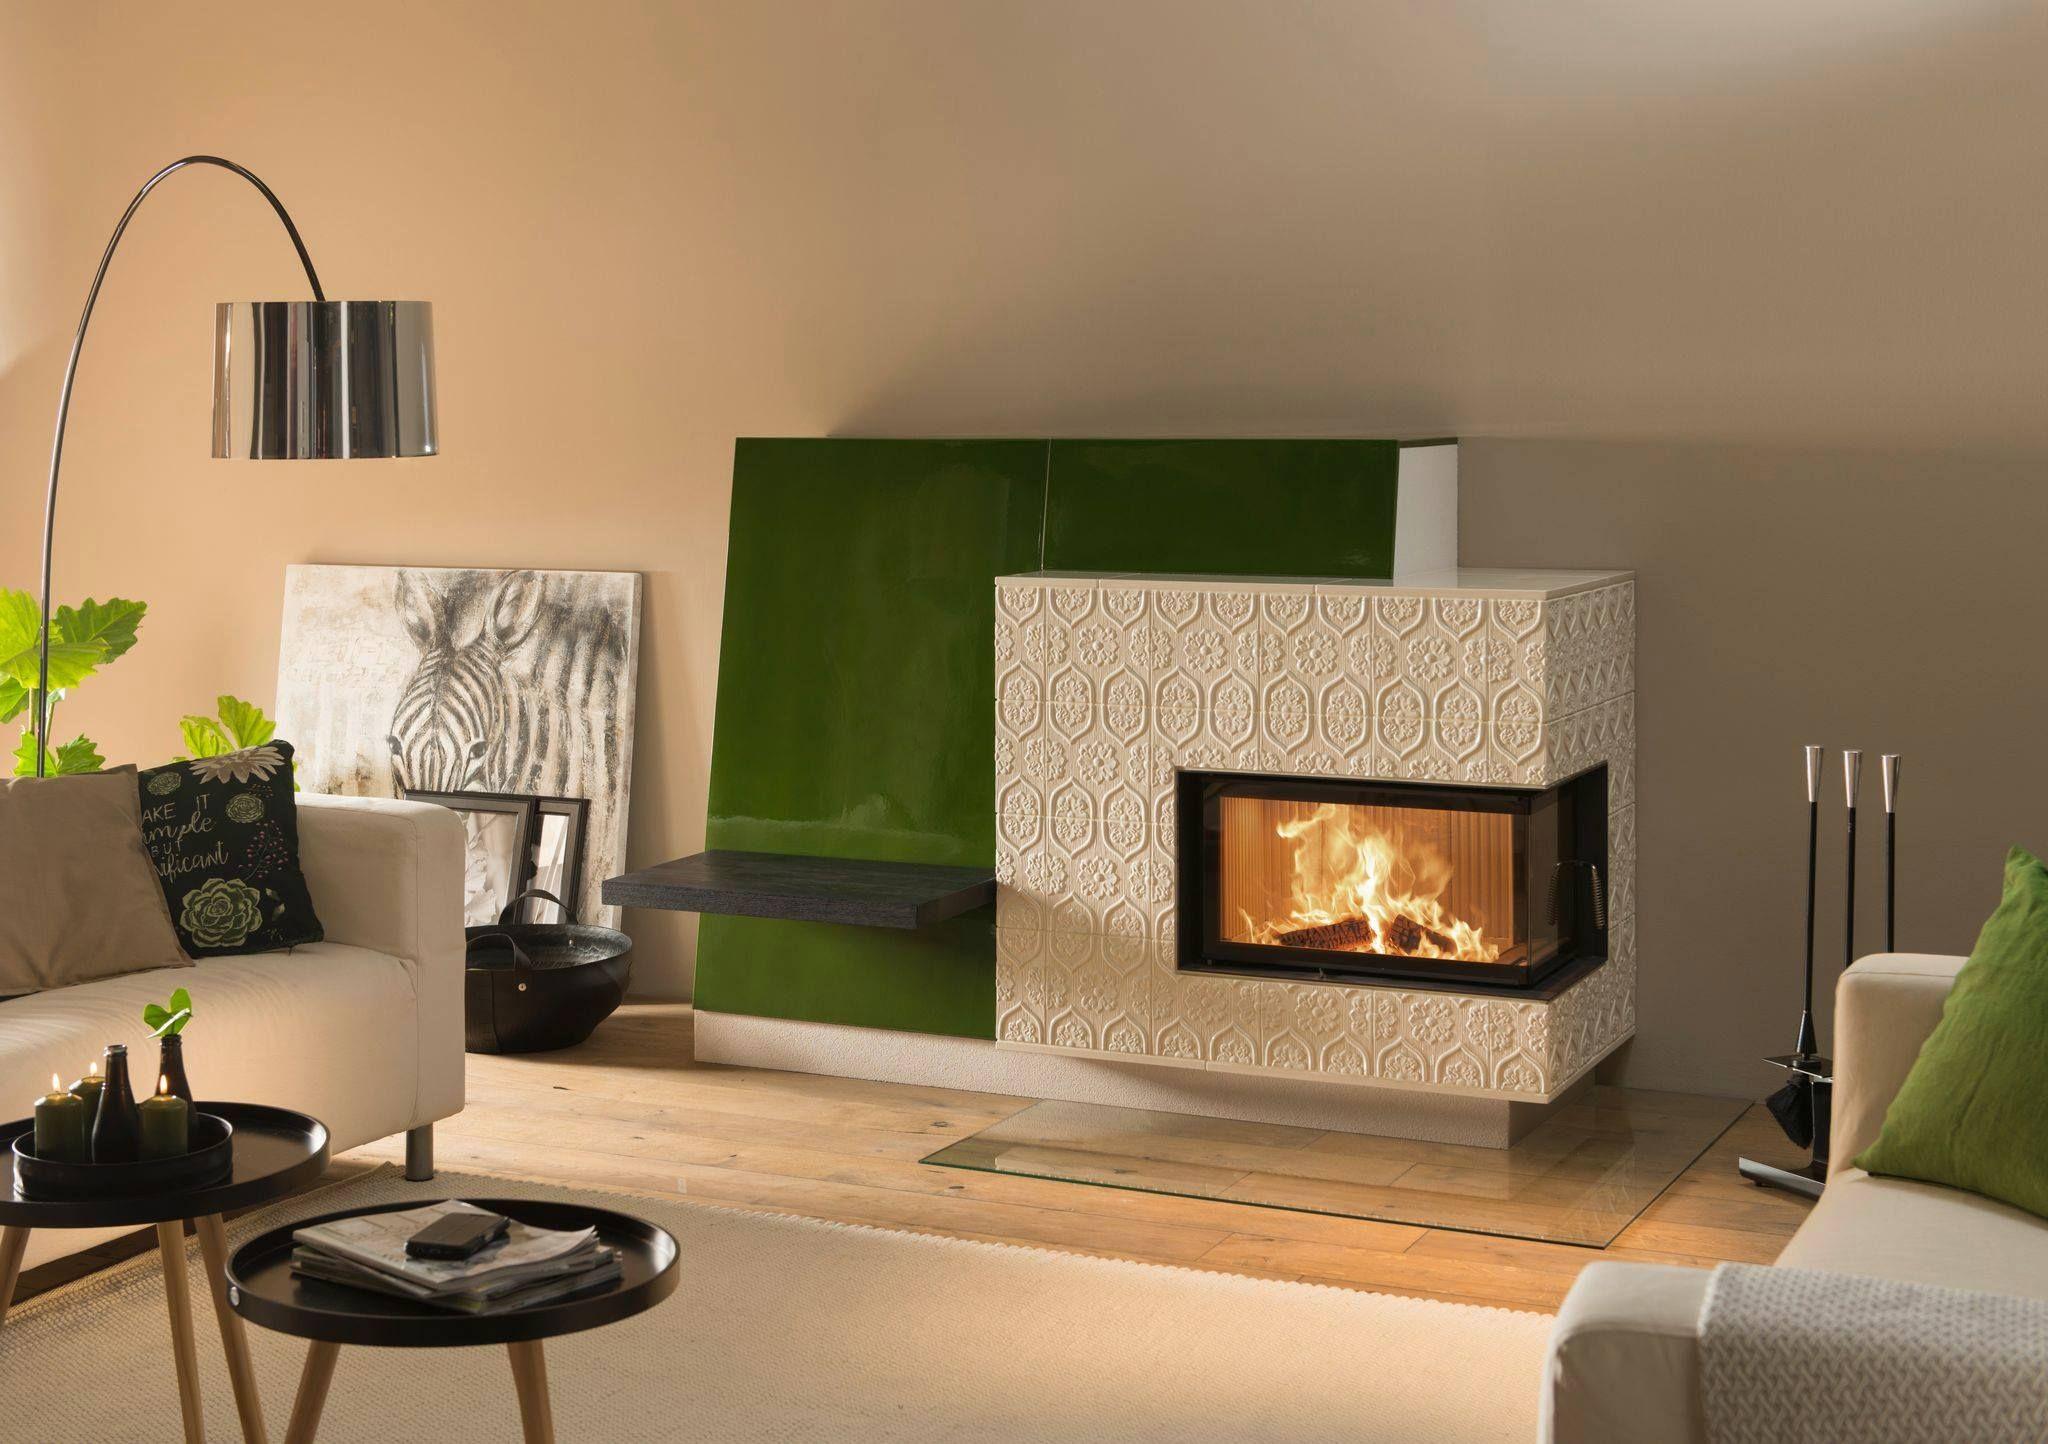 so geht kachel heute kamin deele hilt kachelherd kaminofen kachelofen kachelofen. Black Bedroom Furniture Sets. Home Design Ideas